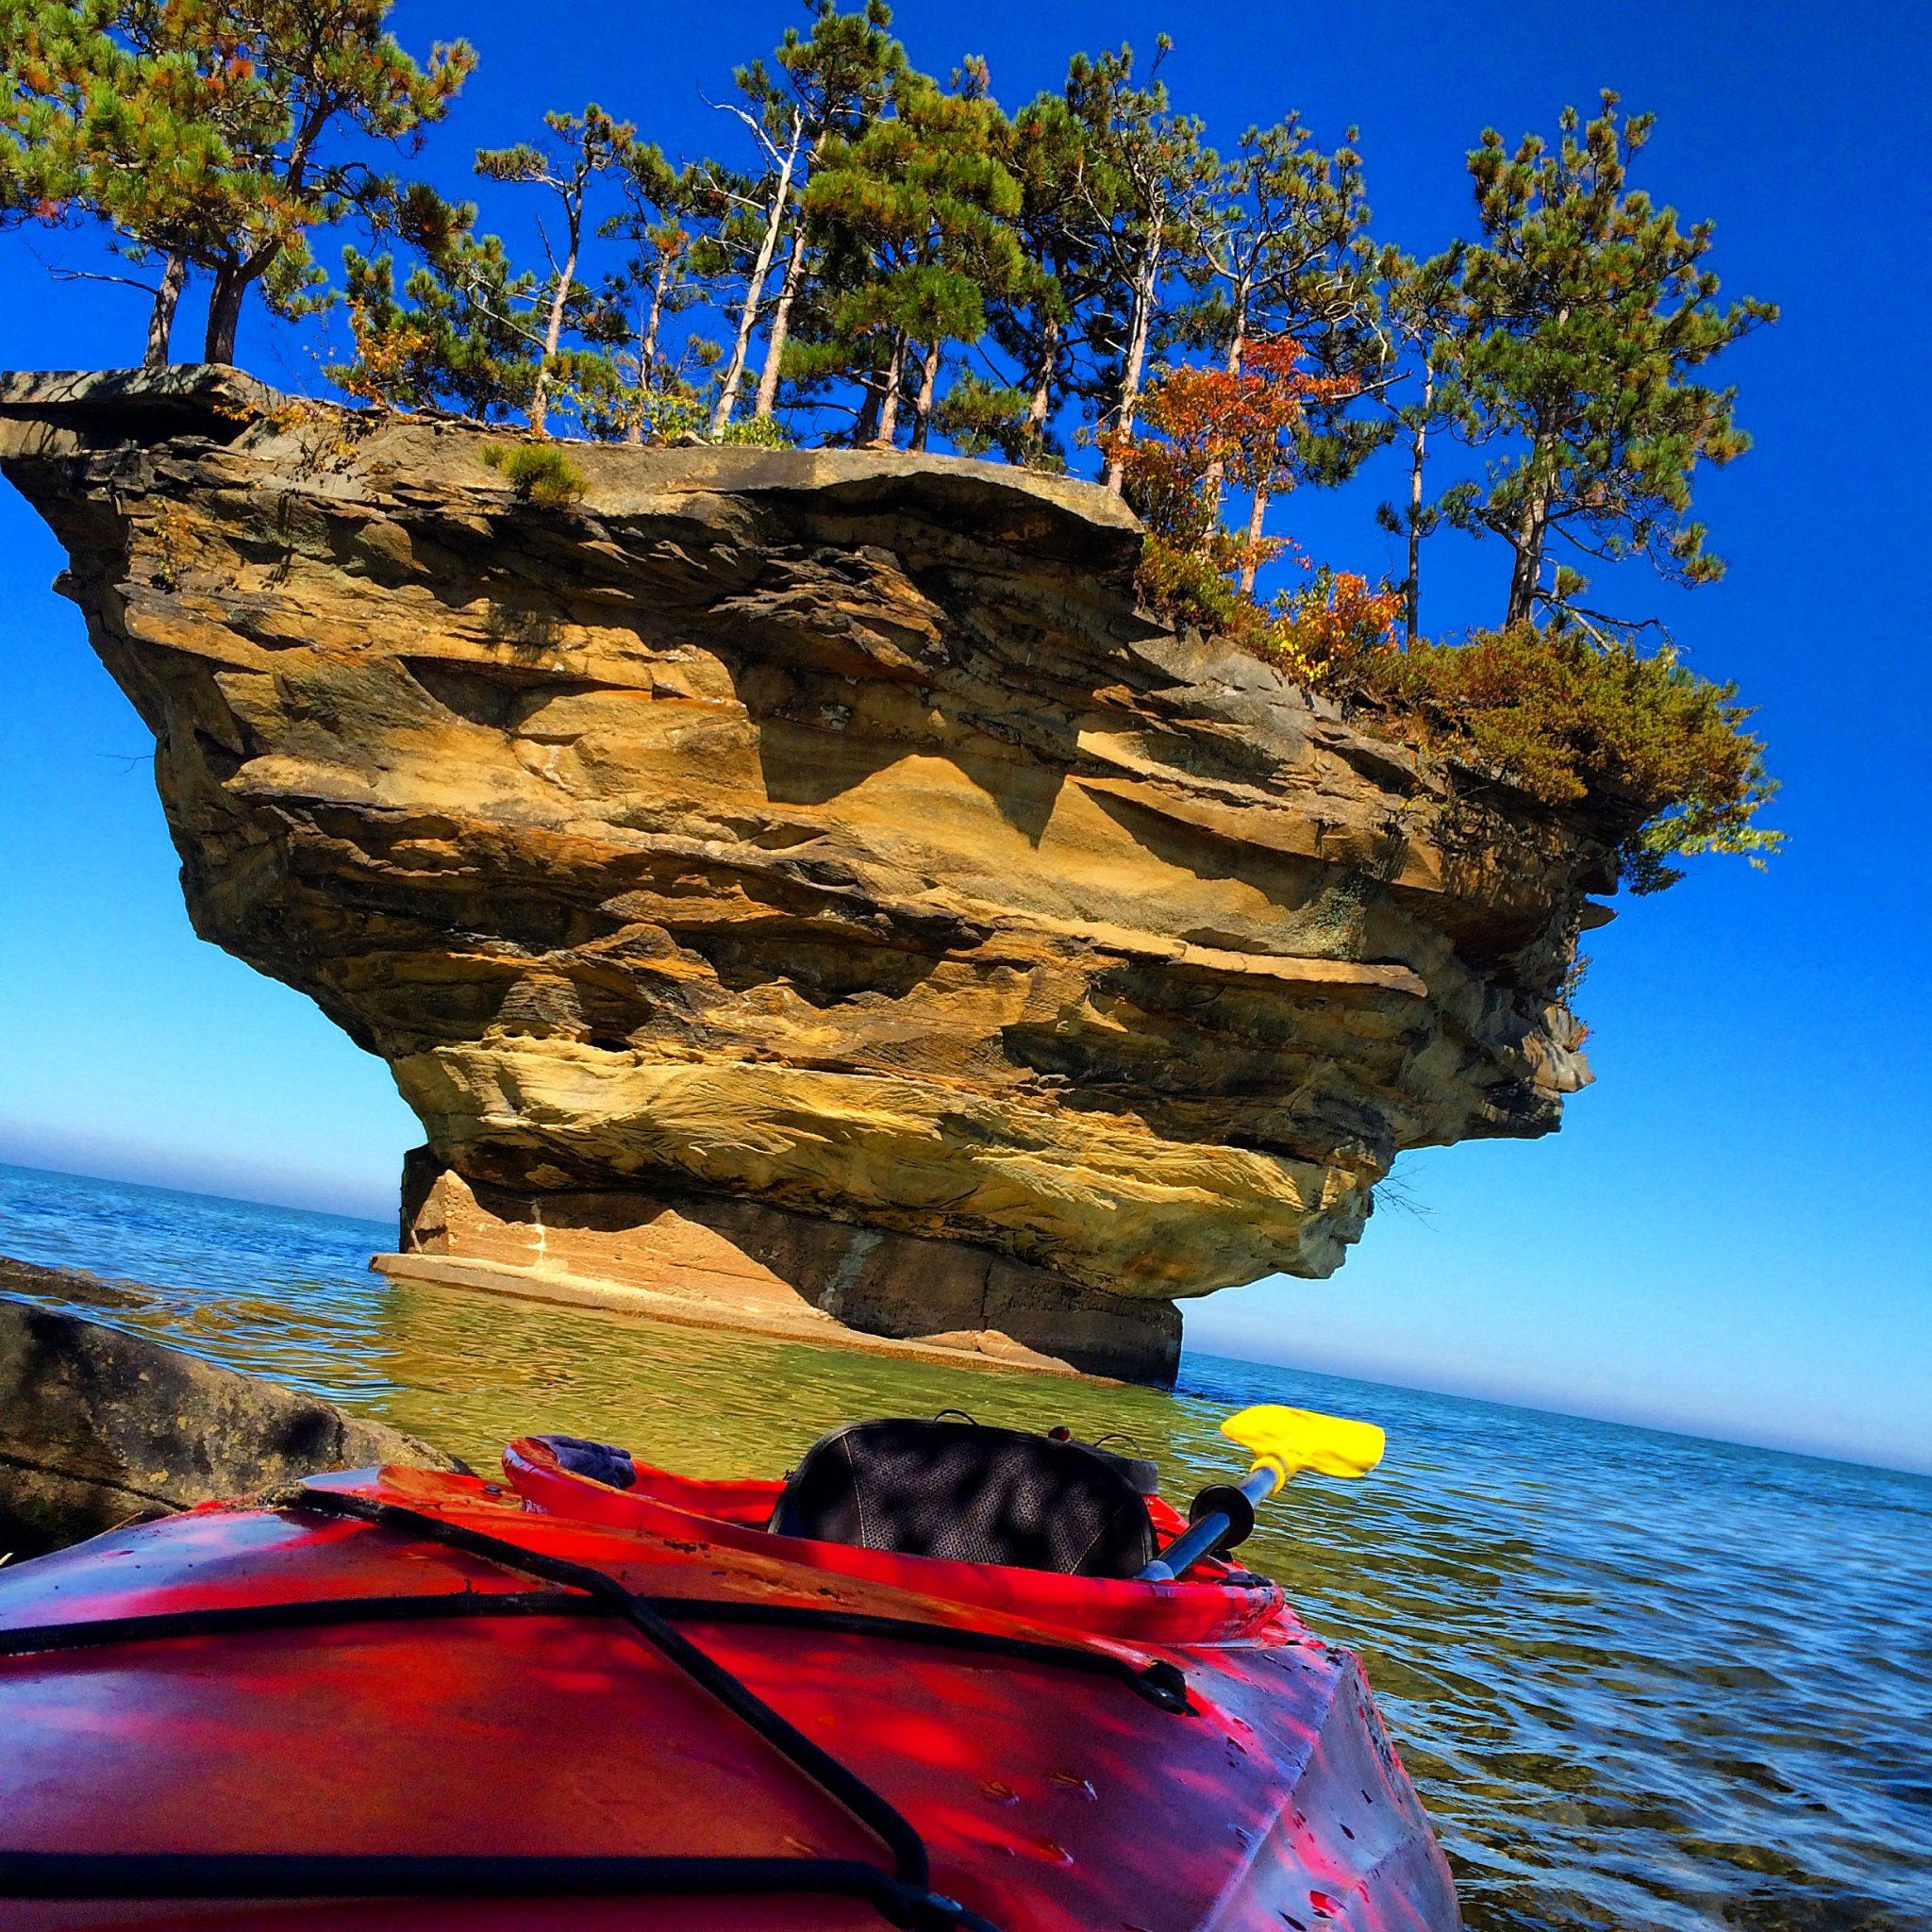 michigan rock things places lake visit turnip huron bucket travel rocks island beaver mi port kayak shaleewanders austin epic northern